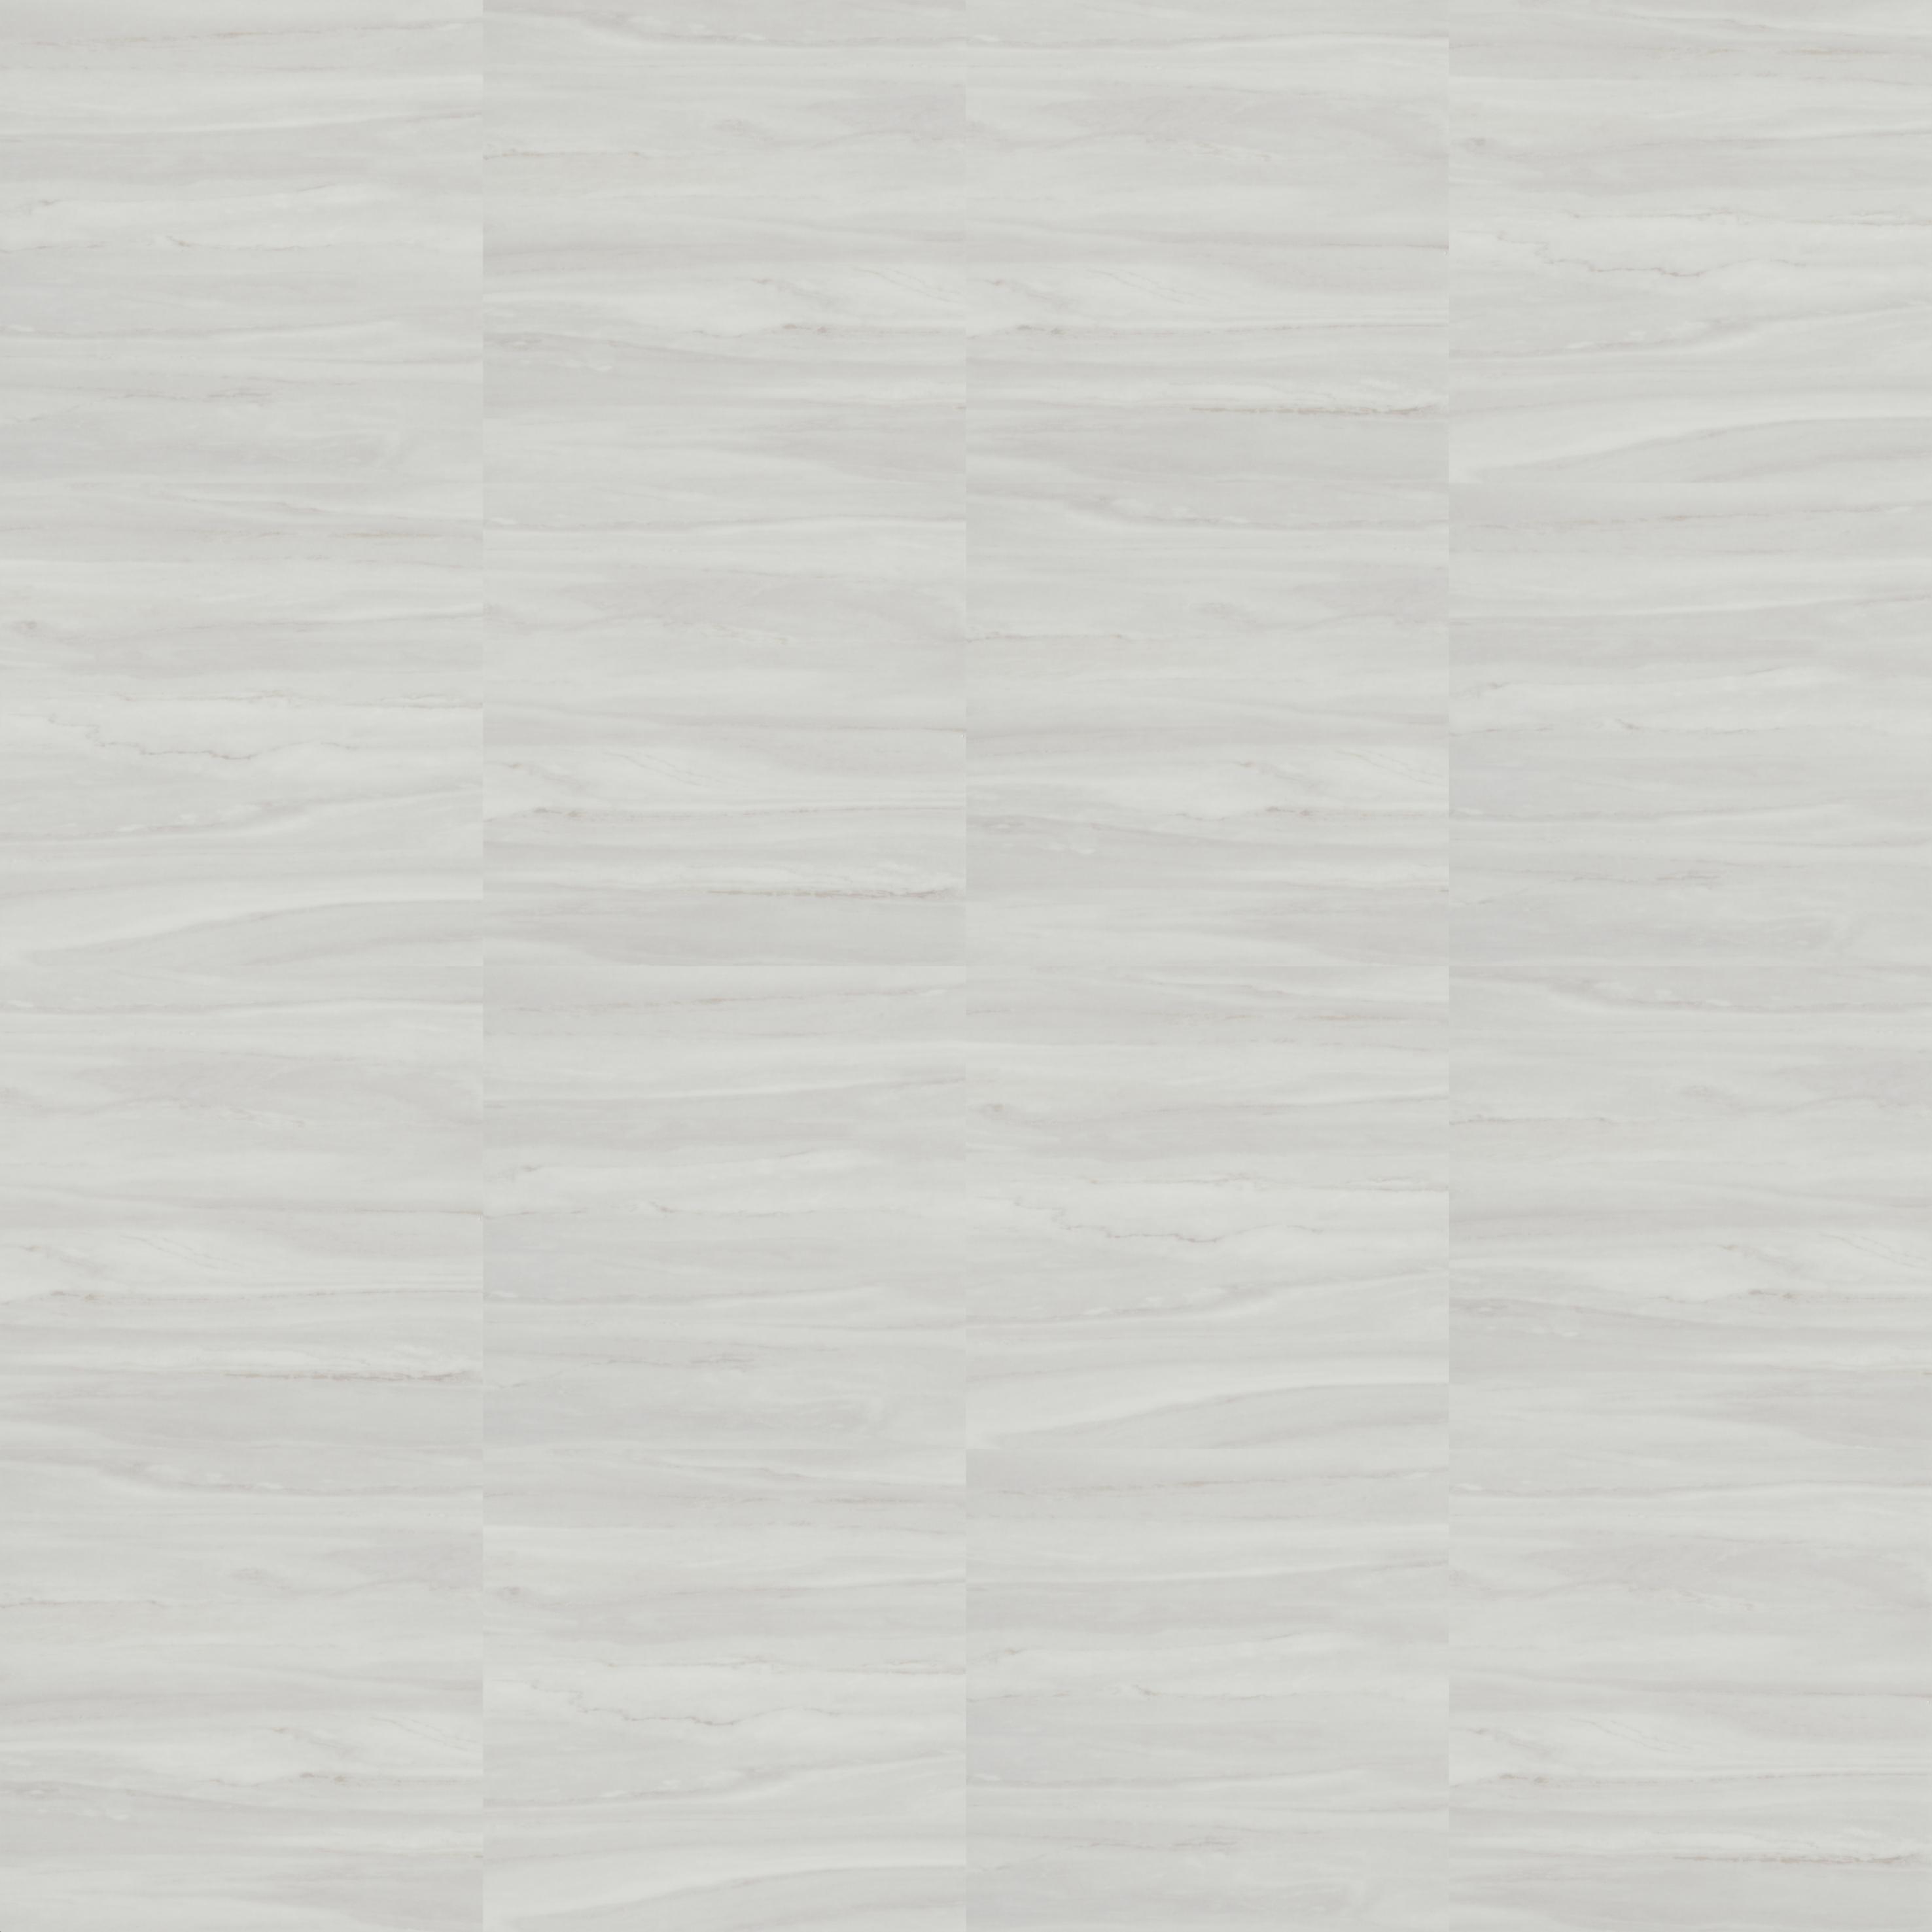 Allura_Stone_-s62557_bianco_marble